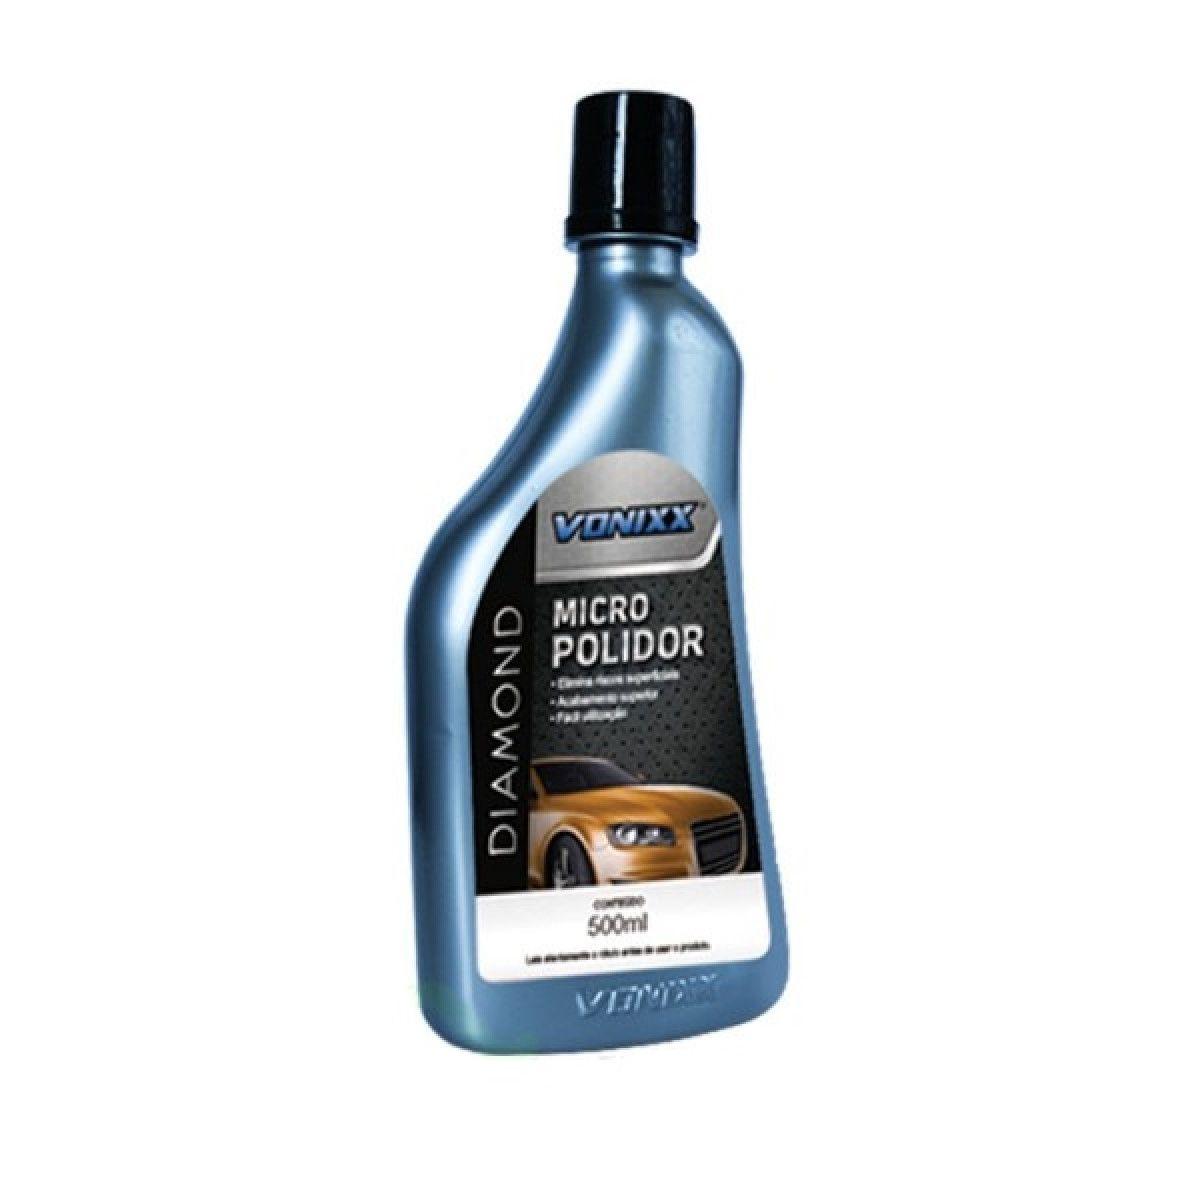 Micropolidor Vonixx 500 ml